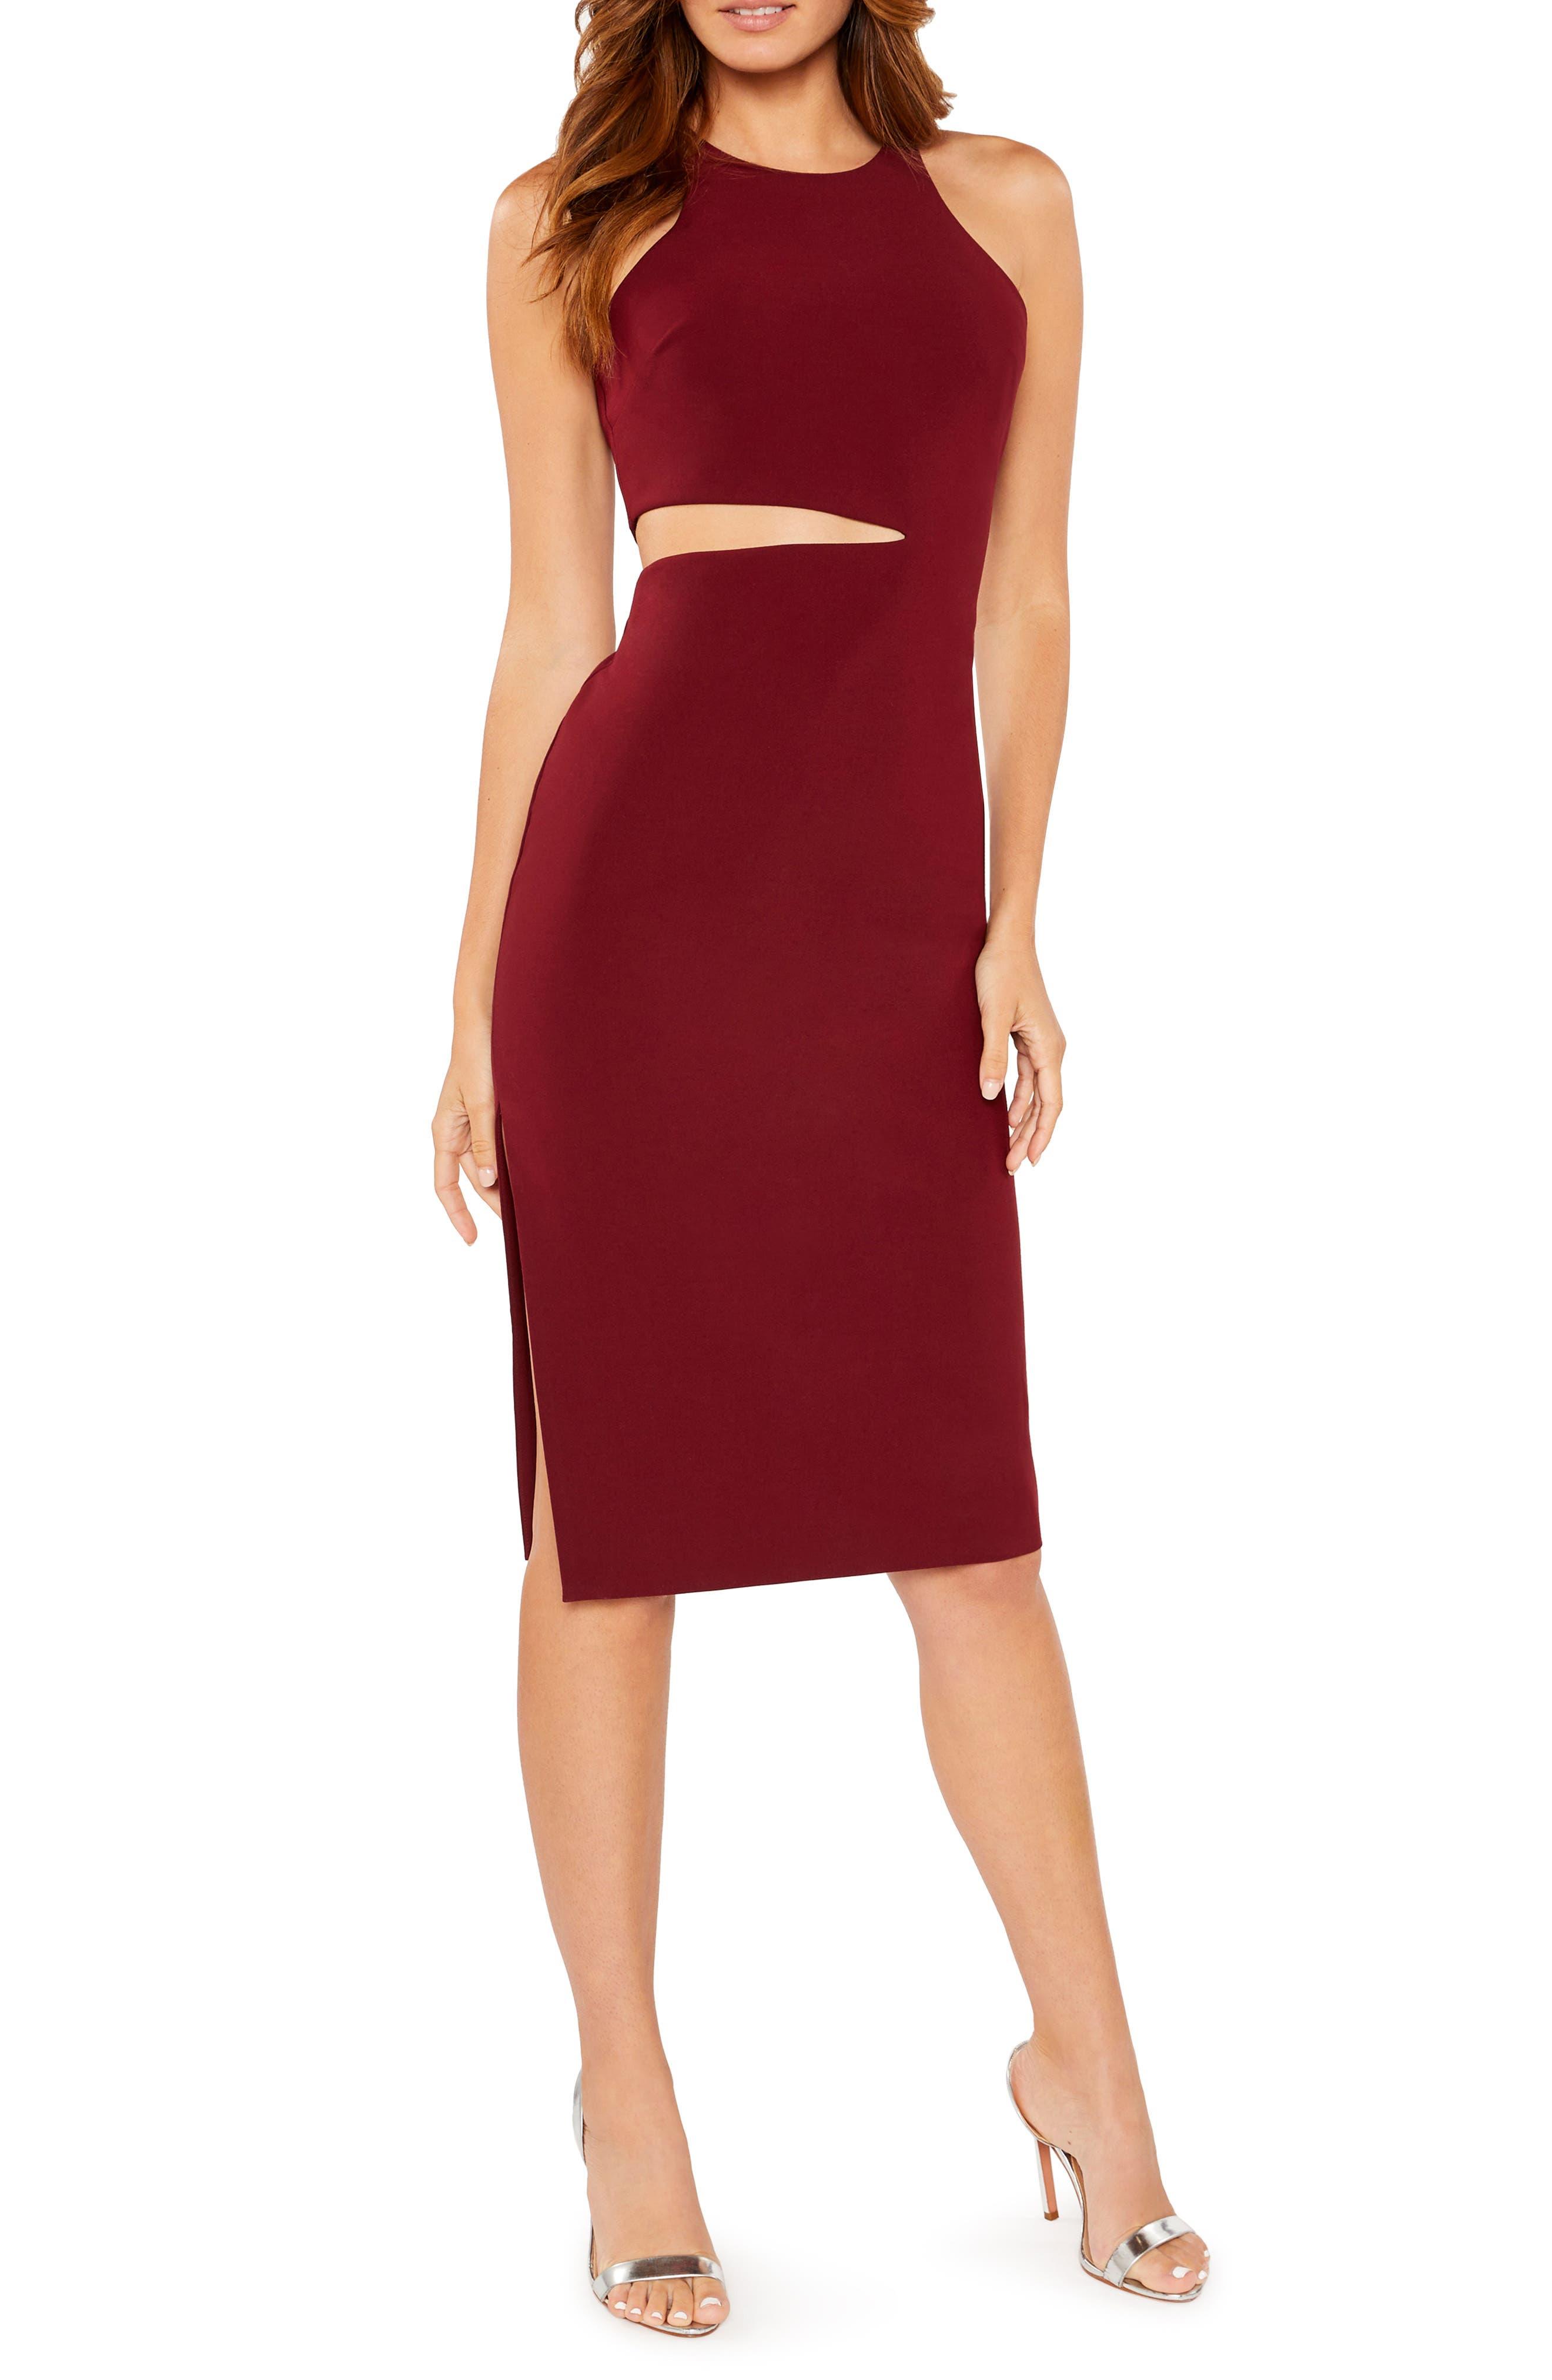 Viola Cutout Sleeveless Dress